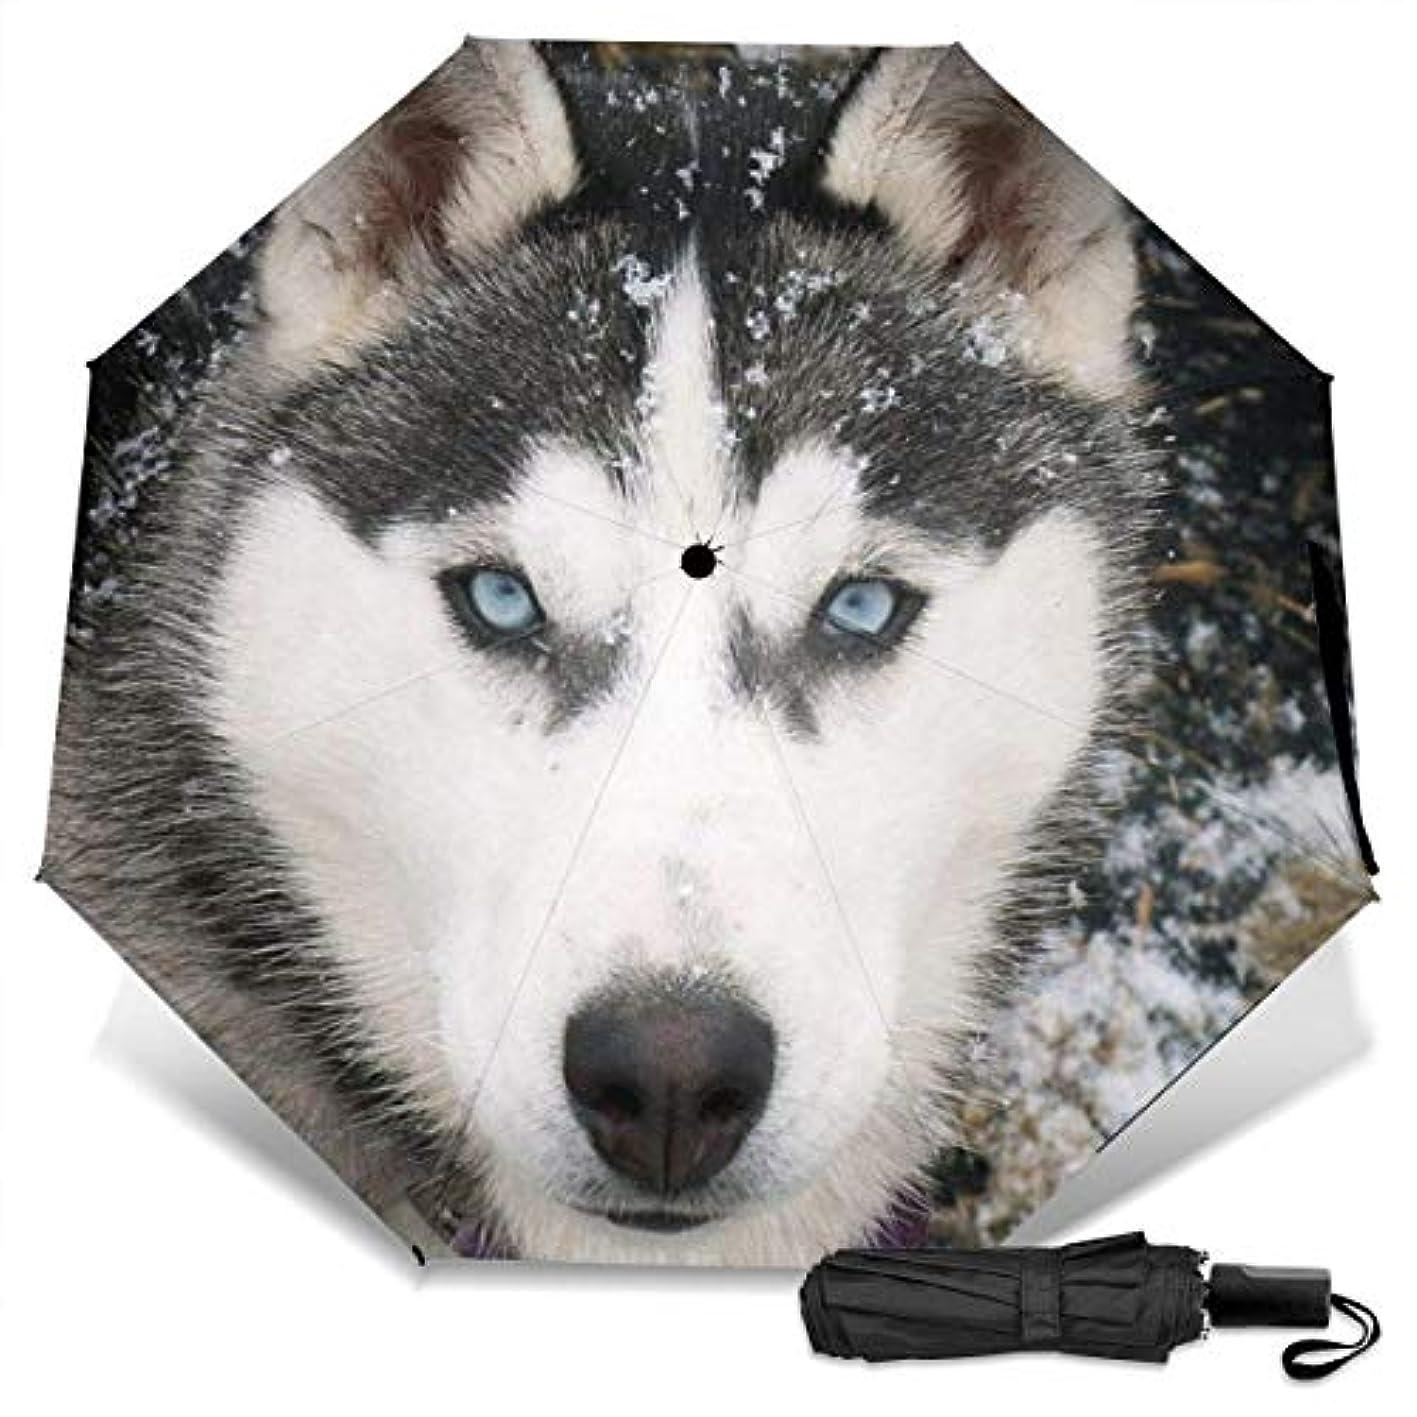 アルファベット順用心深い苛性雪の中でシベリアンハスキー犬折りたたみ傘 軽量 手動三つ折り傘 日傘 耐風撥水 晴雨兼用 遮光遮熱 紫外線対策 携帯用かさ 出張旅行通勤 女性と男性用 (黒ゴム)